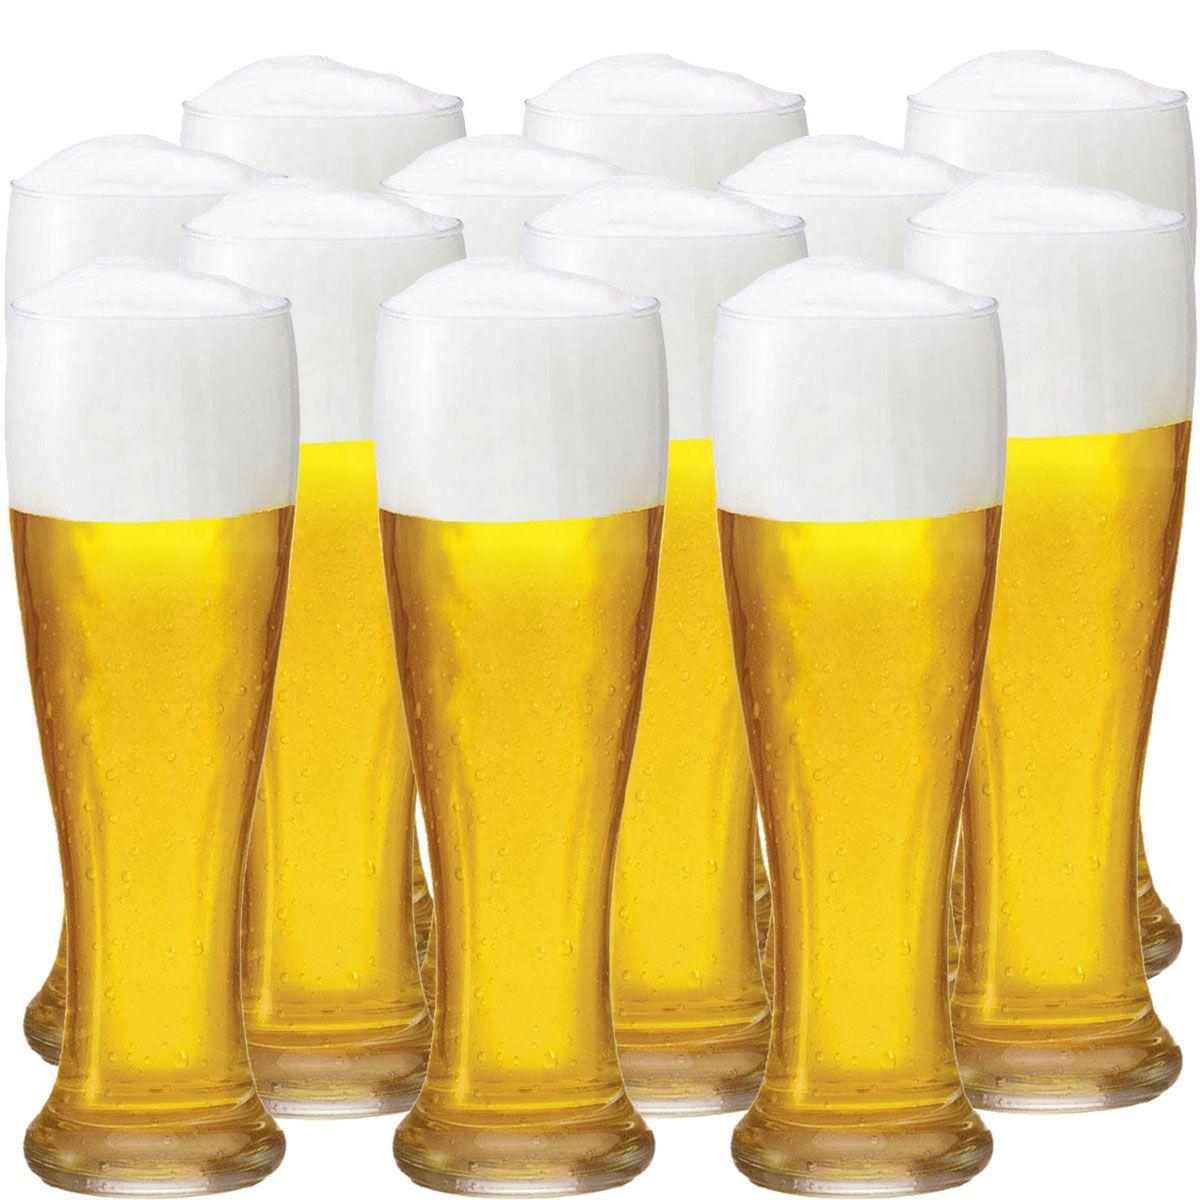 Copos De Cerveja - Linderhof De 665ml C/ 2 pcs